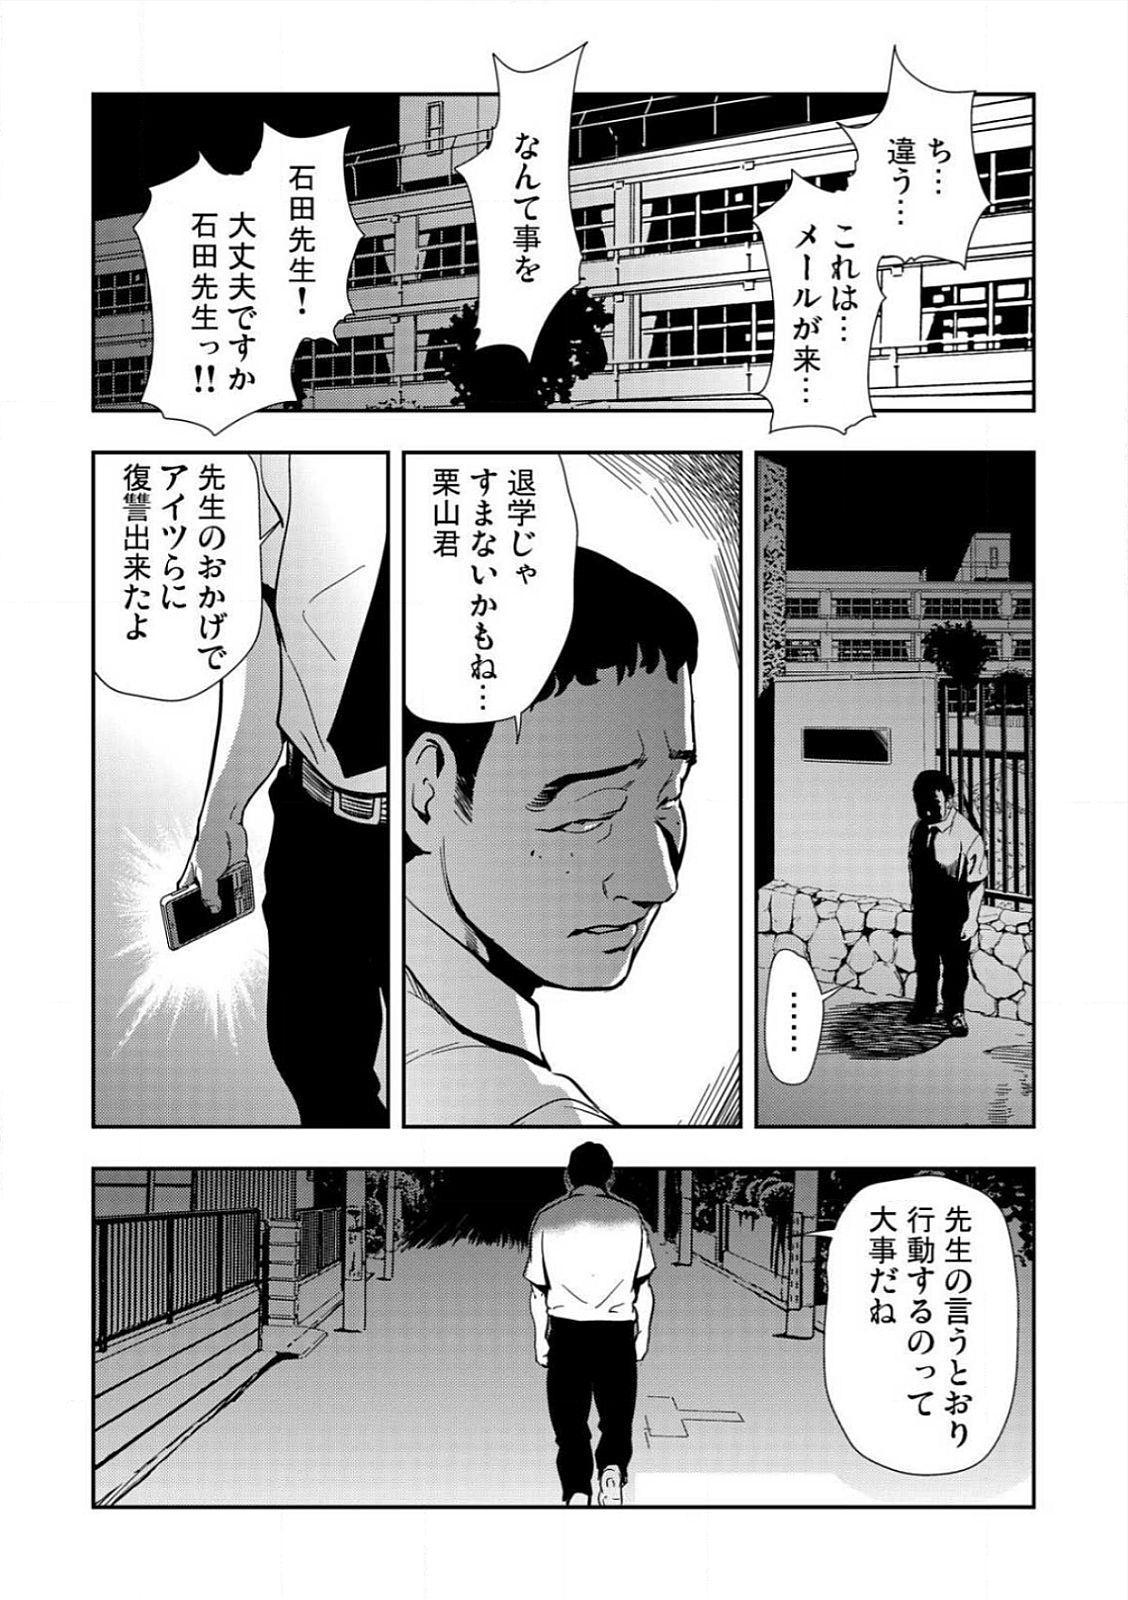 [Misaki Yukihiro] Kyousei Shidou ~Mechakucha ni Kegasarete~ (1)~(6) [Digital] 25